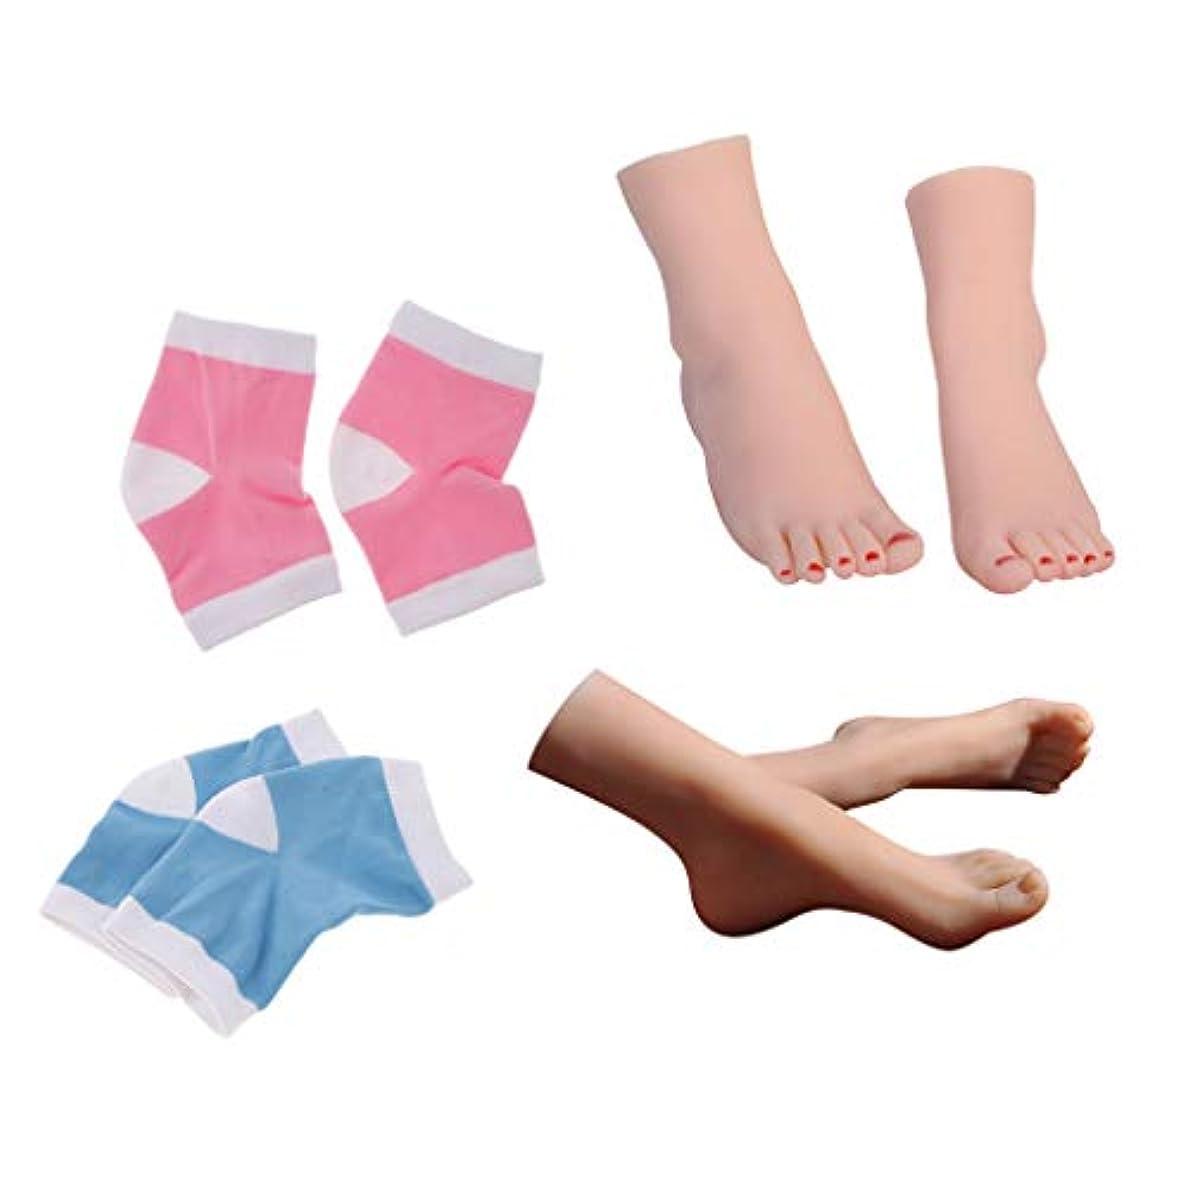 帽子持つラウンジSM SunniMix 2組マネキン 足モデル 女性+2組 足の袖 足用スリーブ 靴下 靴 足首 ディスプレイ